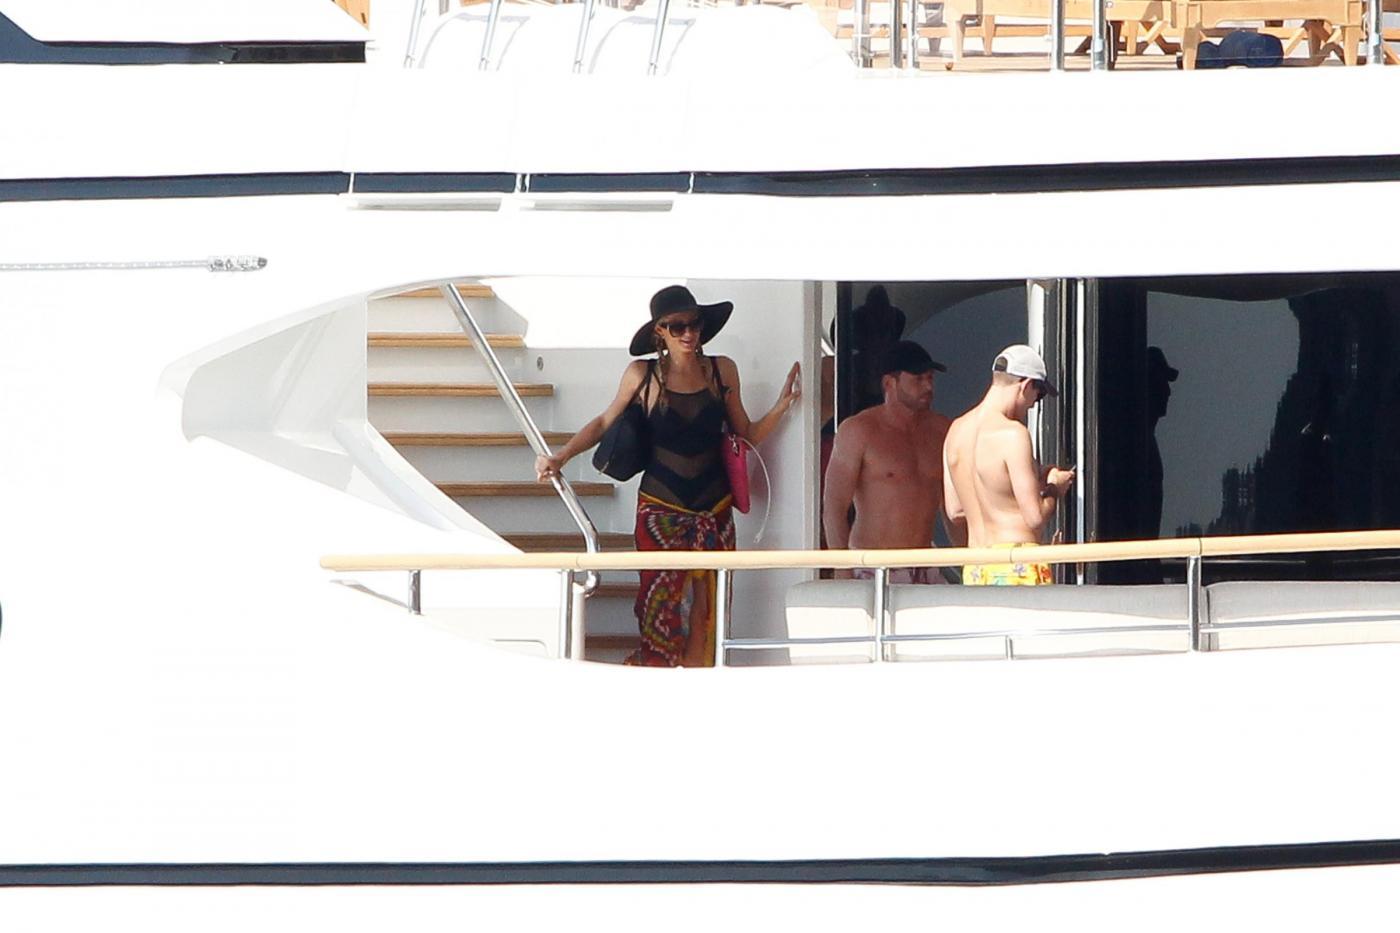 Paris Hilton e fidanzato a Formentera: sole, amore e yacht da sogno08